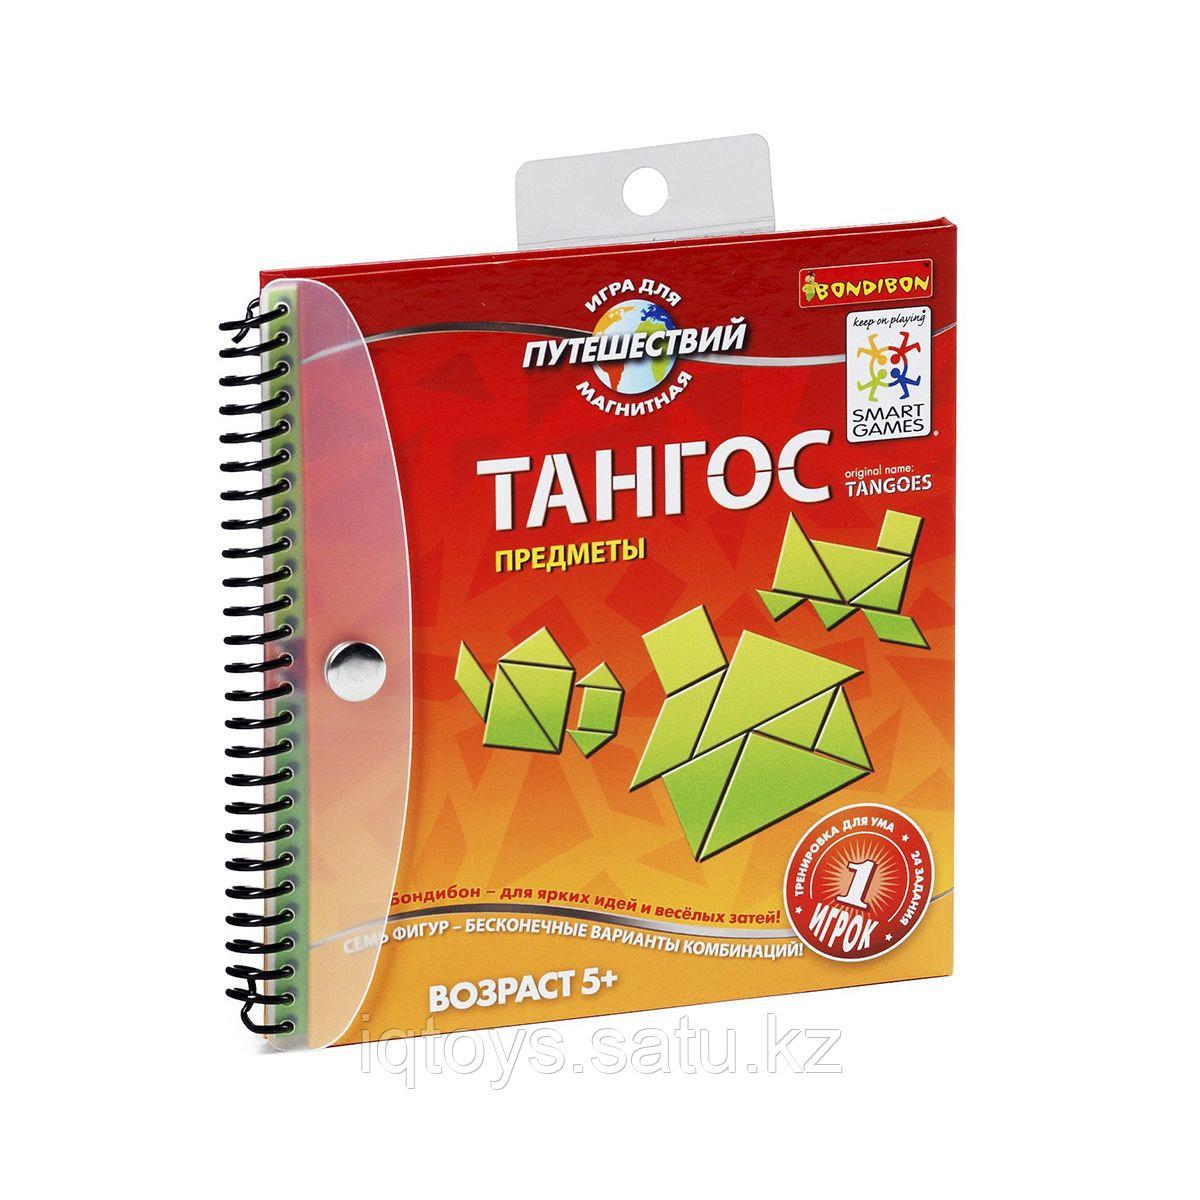 Игра-головоломка Тангос предметы Бондибон (Bondibon)